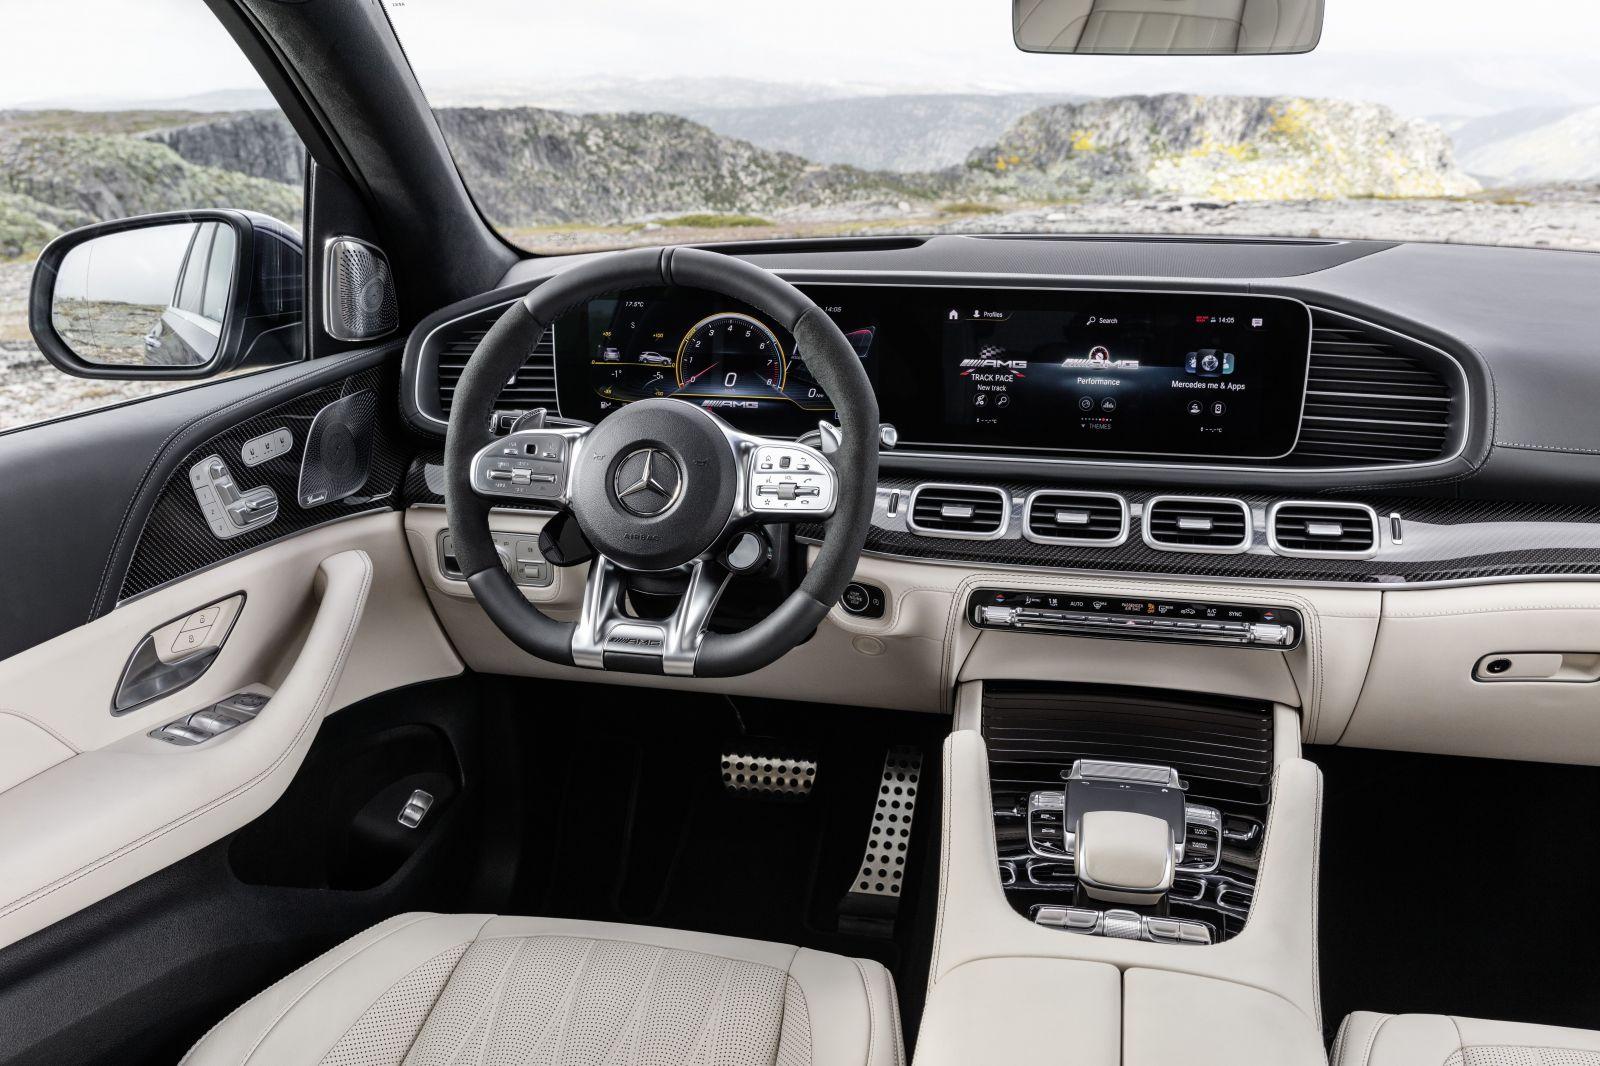 SUV ofenzíva Mercedesu vrcholí 634-koňovými AMG-čkami a ultra-luxusným Maybachom